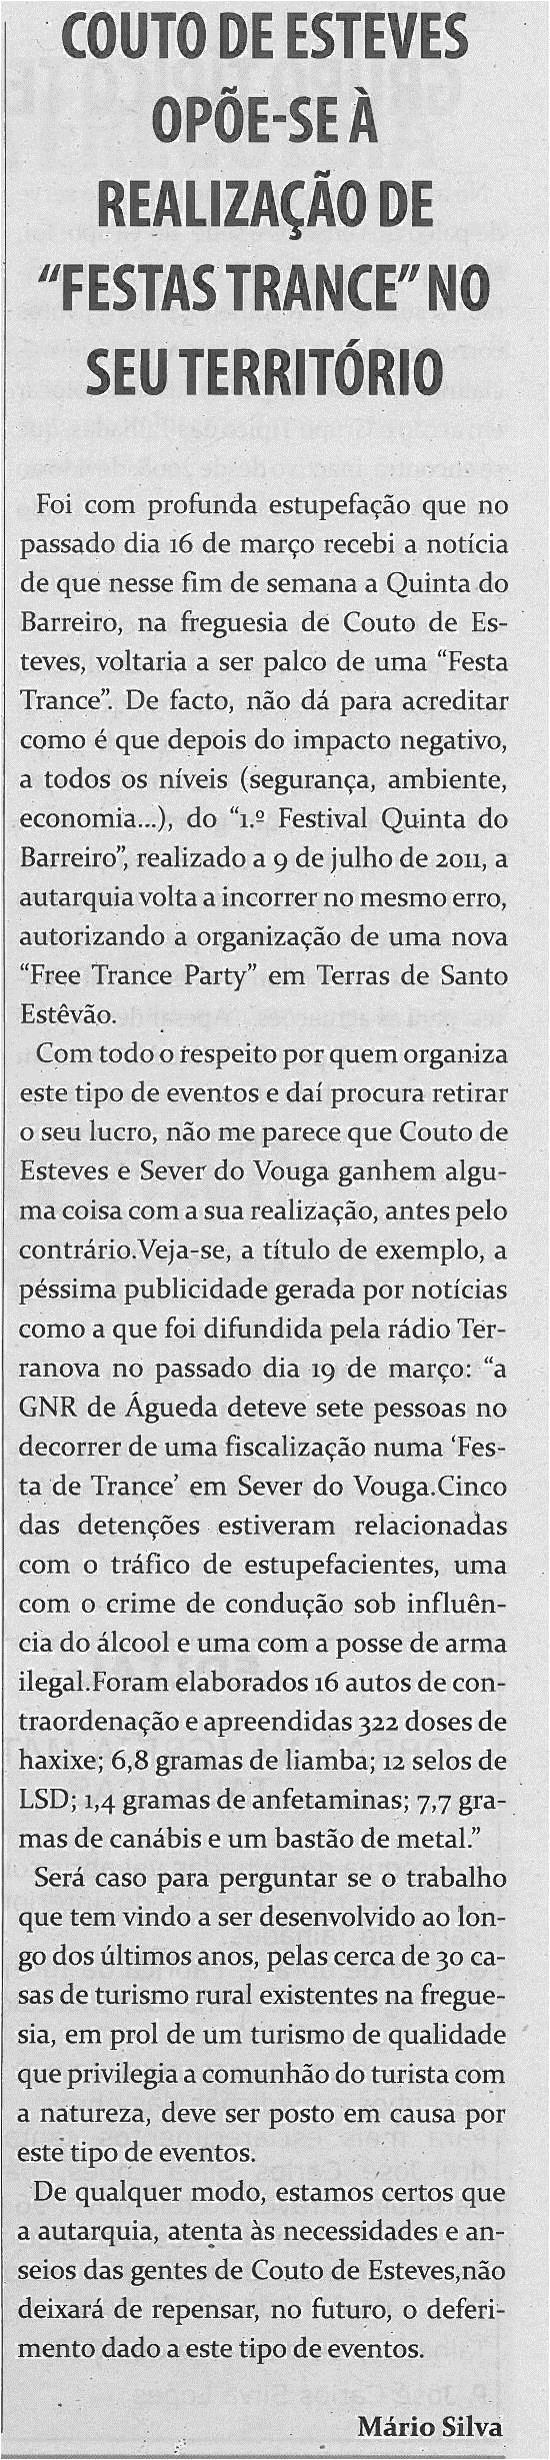 TV-abr13-p7-Couto de Esteves opõe-se à realização de Festas Trance no seu território